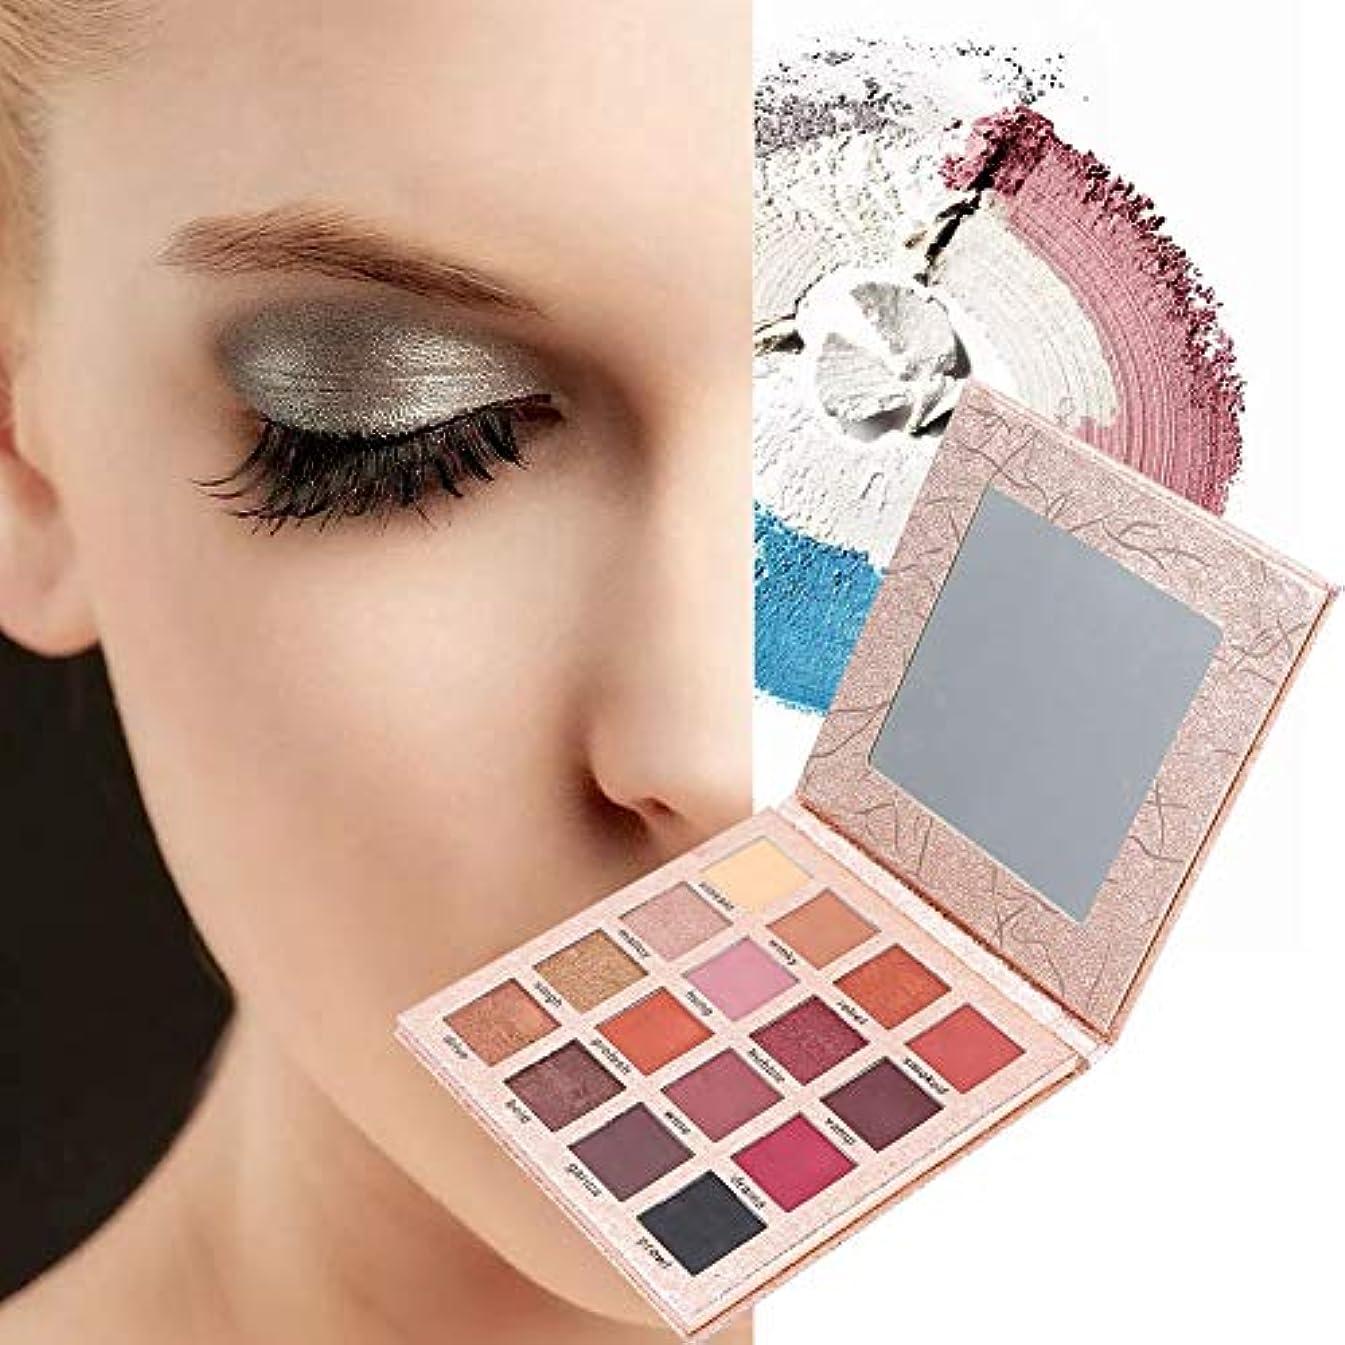 ラインナップピンク無力アイシャドウパレット 16色 アイシャドウパレット 化粧マット グロス アイシャドウパウダー 化粧品ツール